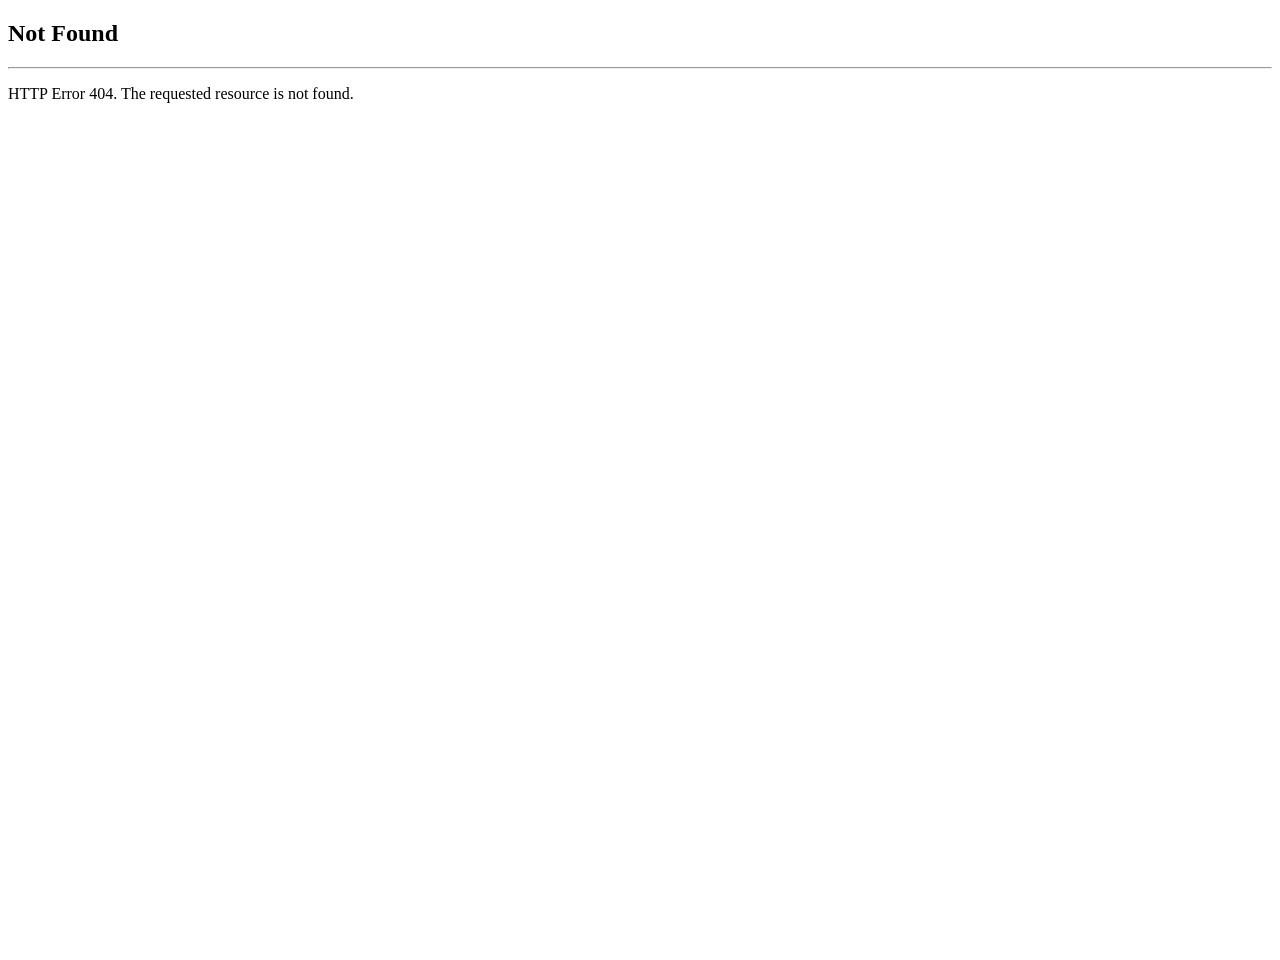 【轉知】中華民國自由車協會承辦之110年度全國登山車越野/下坡錦標賽暨選拔賽